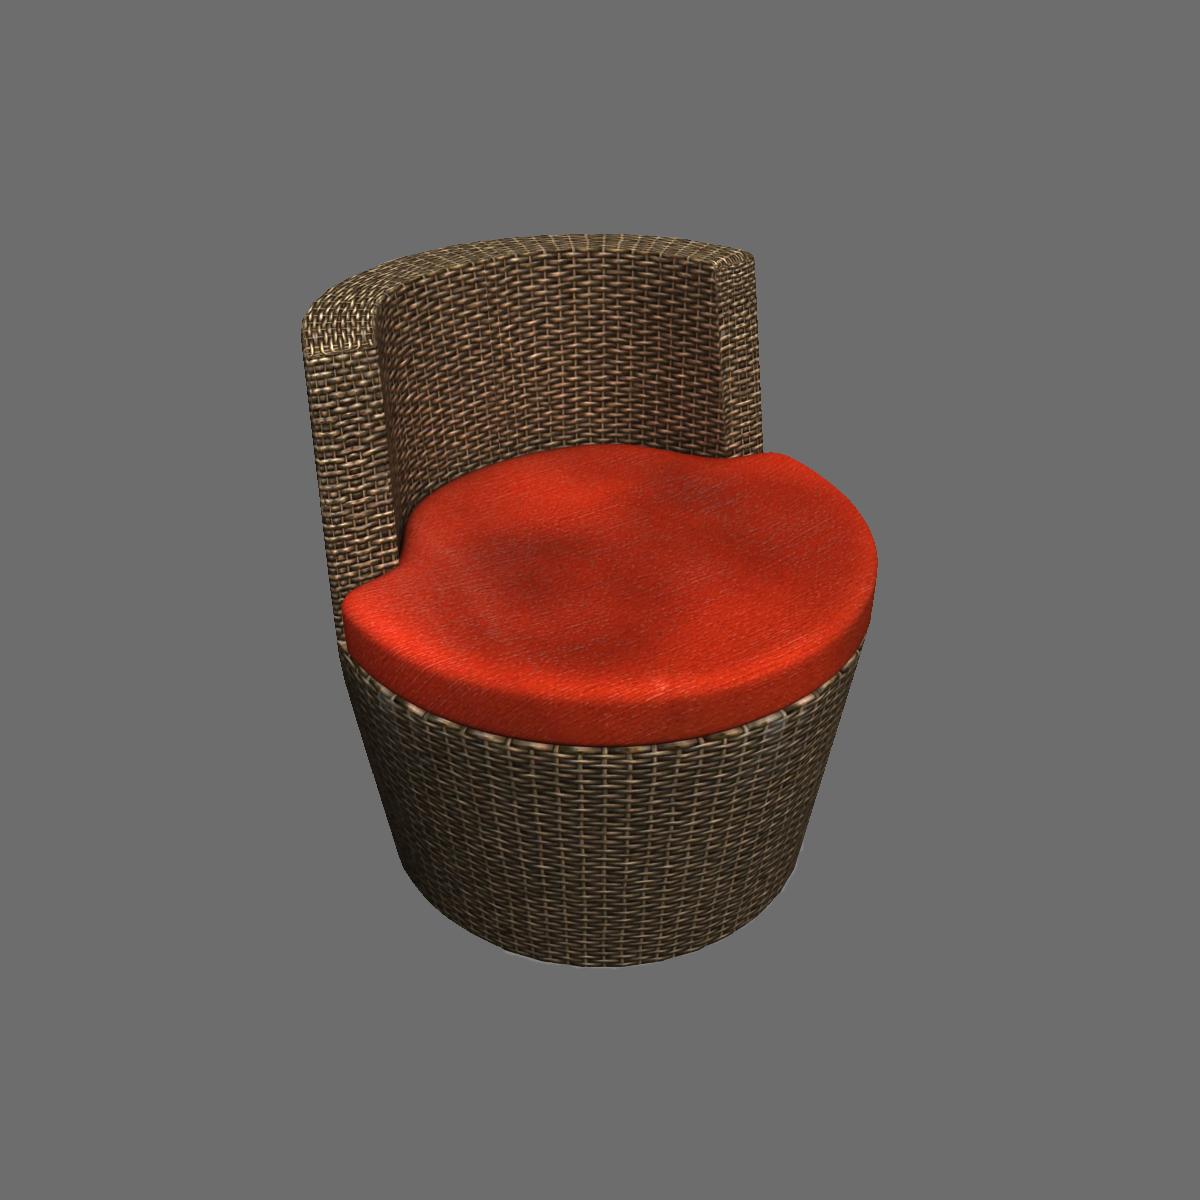 둥근 등나무 의자 빨강 모델